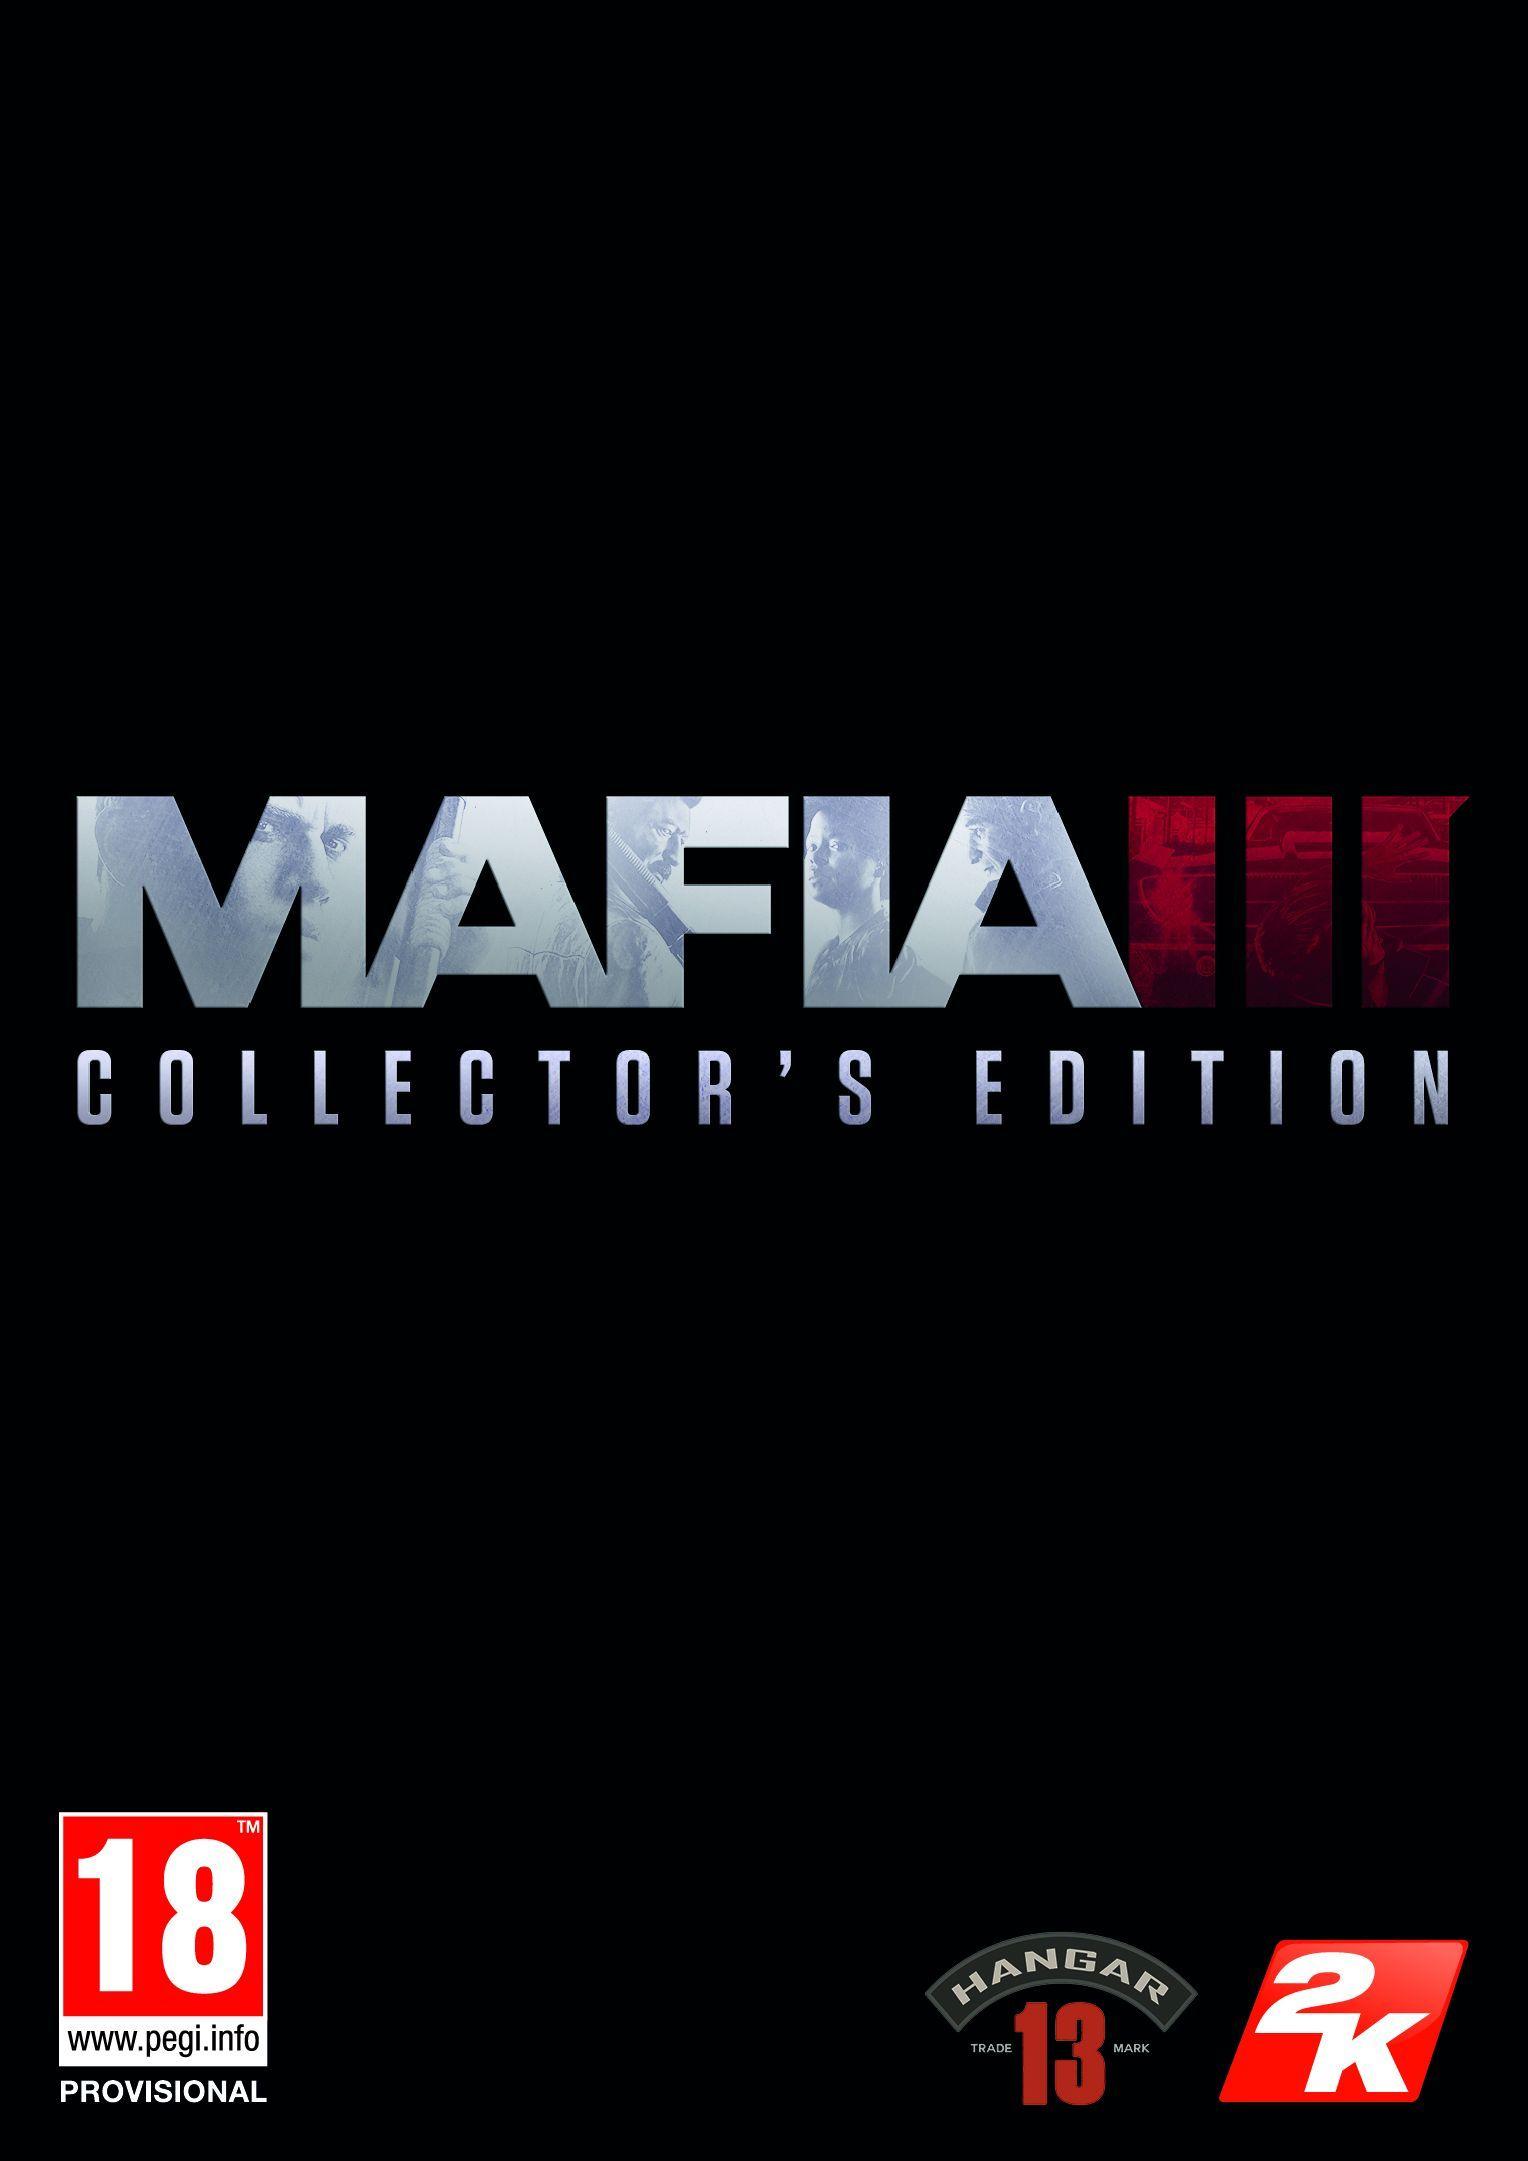 Mafia III Collector's Edition (Xbox One) - 1